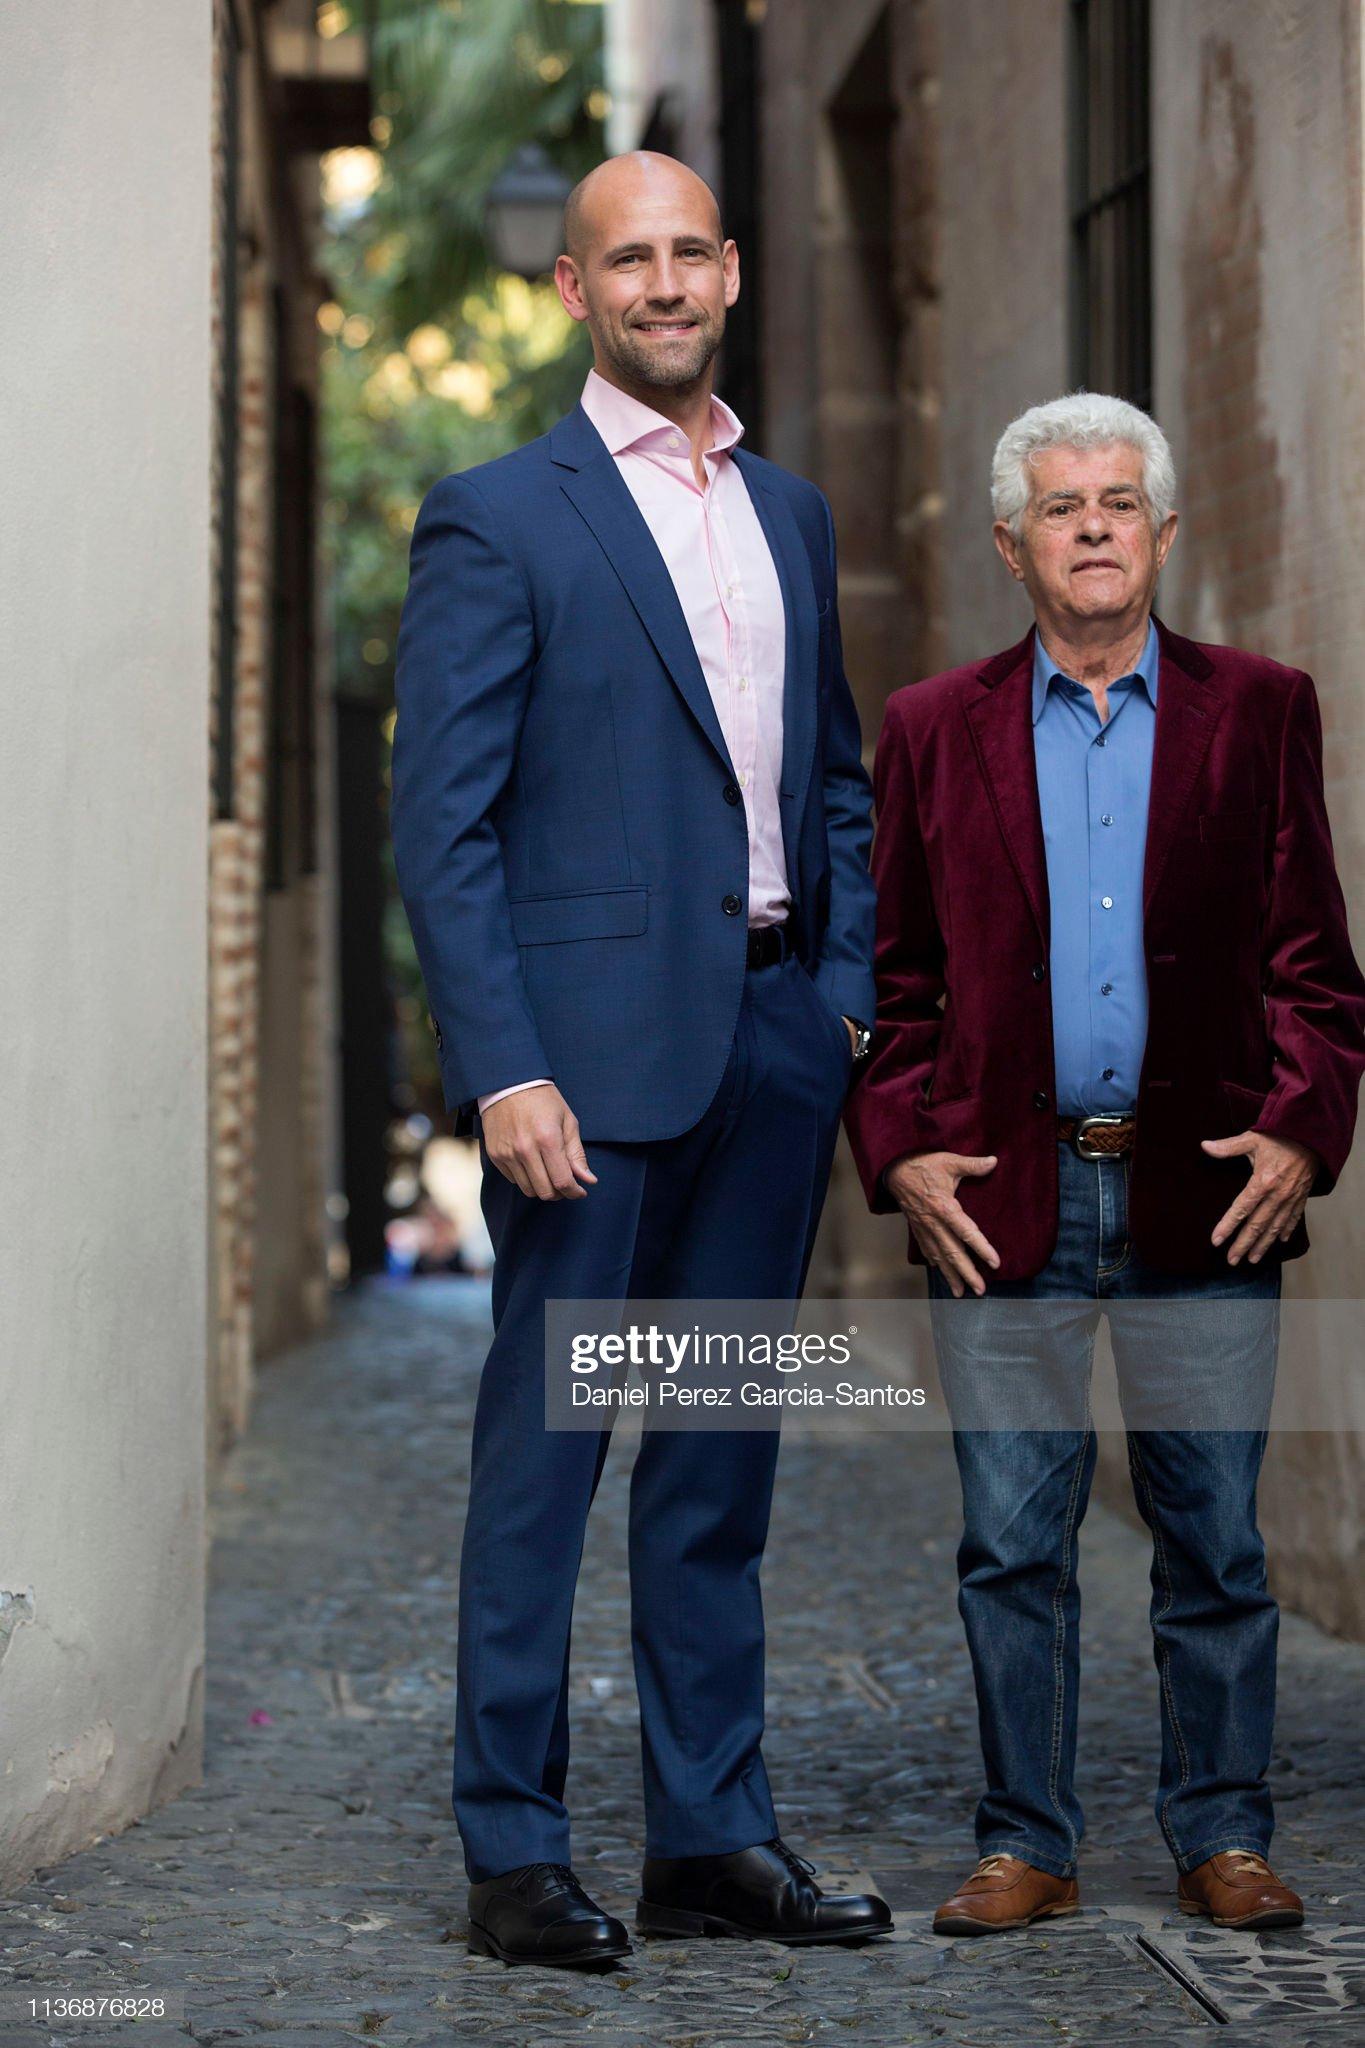 ¿Cuánto mide Guillermo Montesinos? - Altura Gonzalo-miro-and-actor-guillermo-montesinos-present-regresa-el-cepa-picture-id1136876828?s=2048x2048